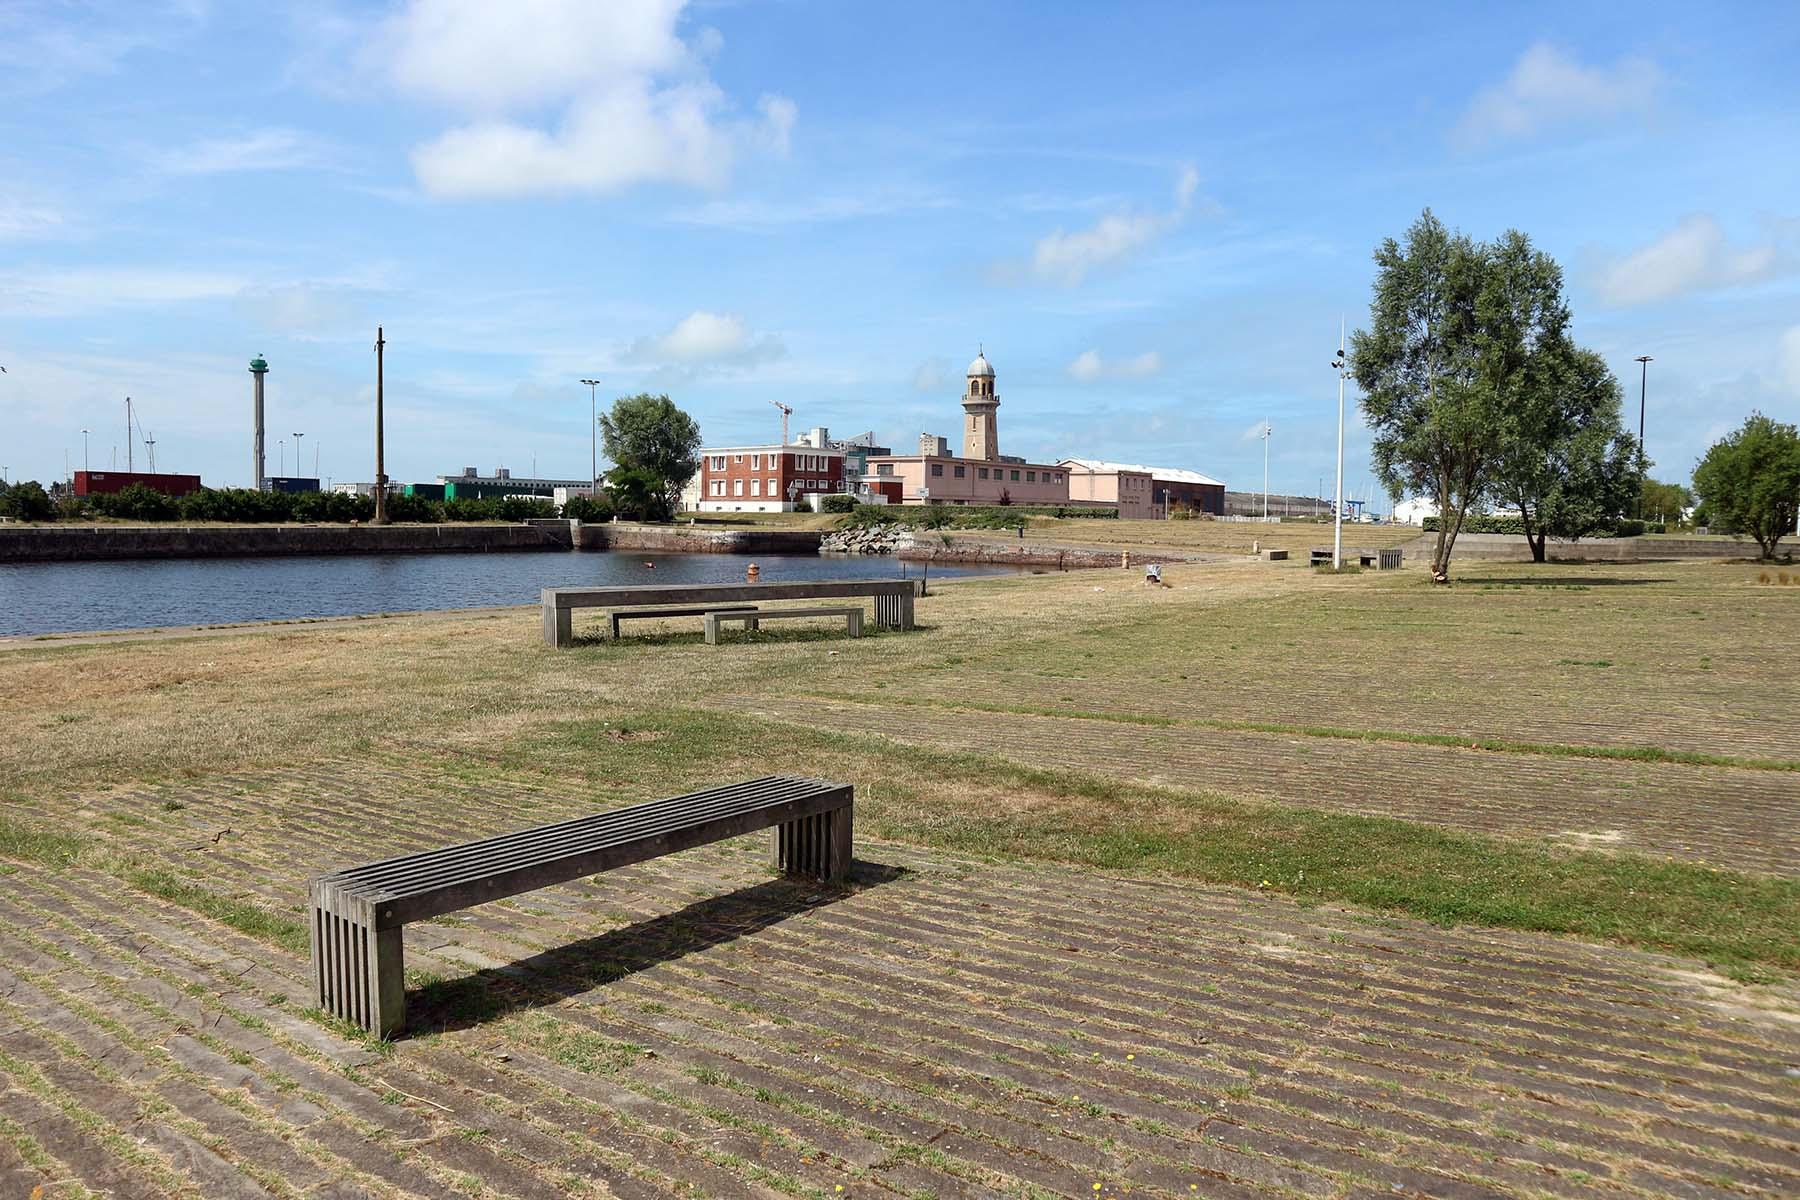 Parcours Les Bassins. Knapp ein Kilometer Idylle im Quartier Süd, der Jardin Fluvial.